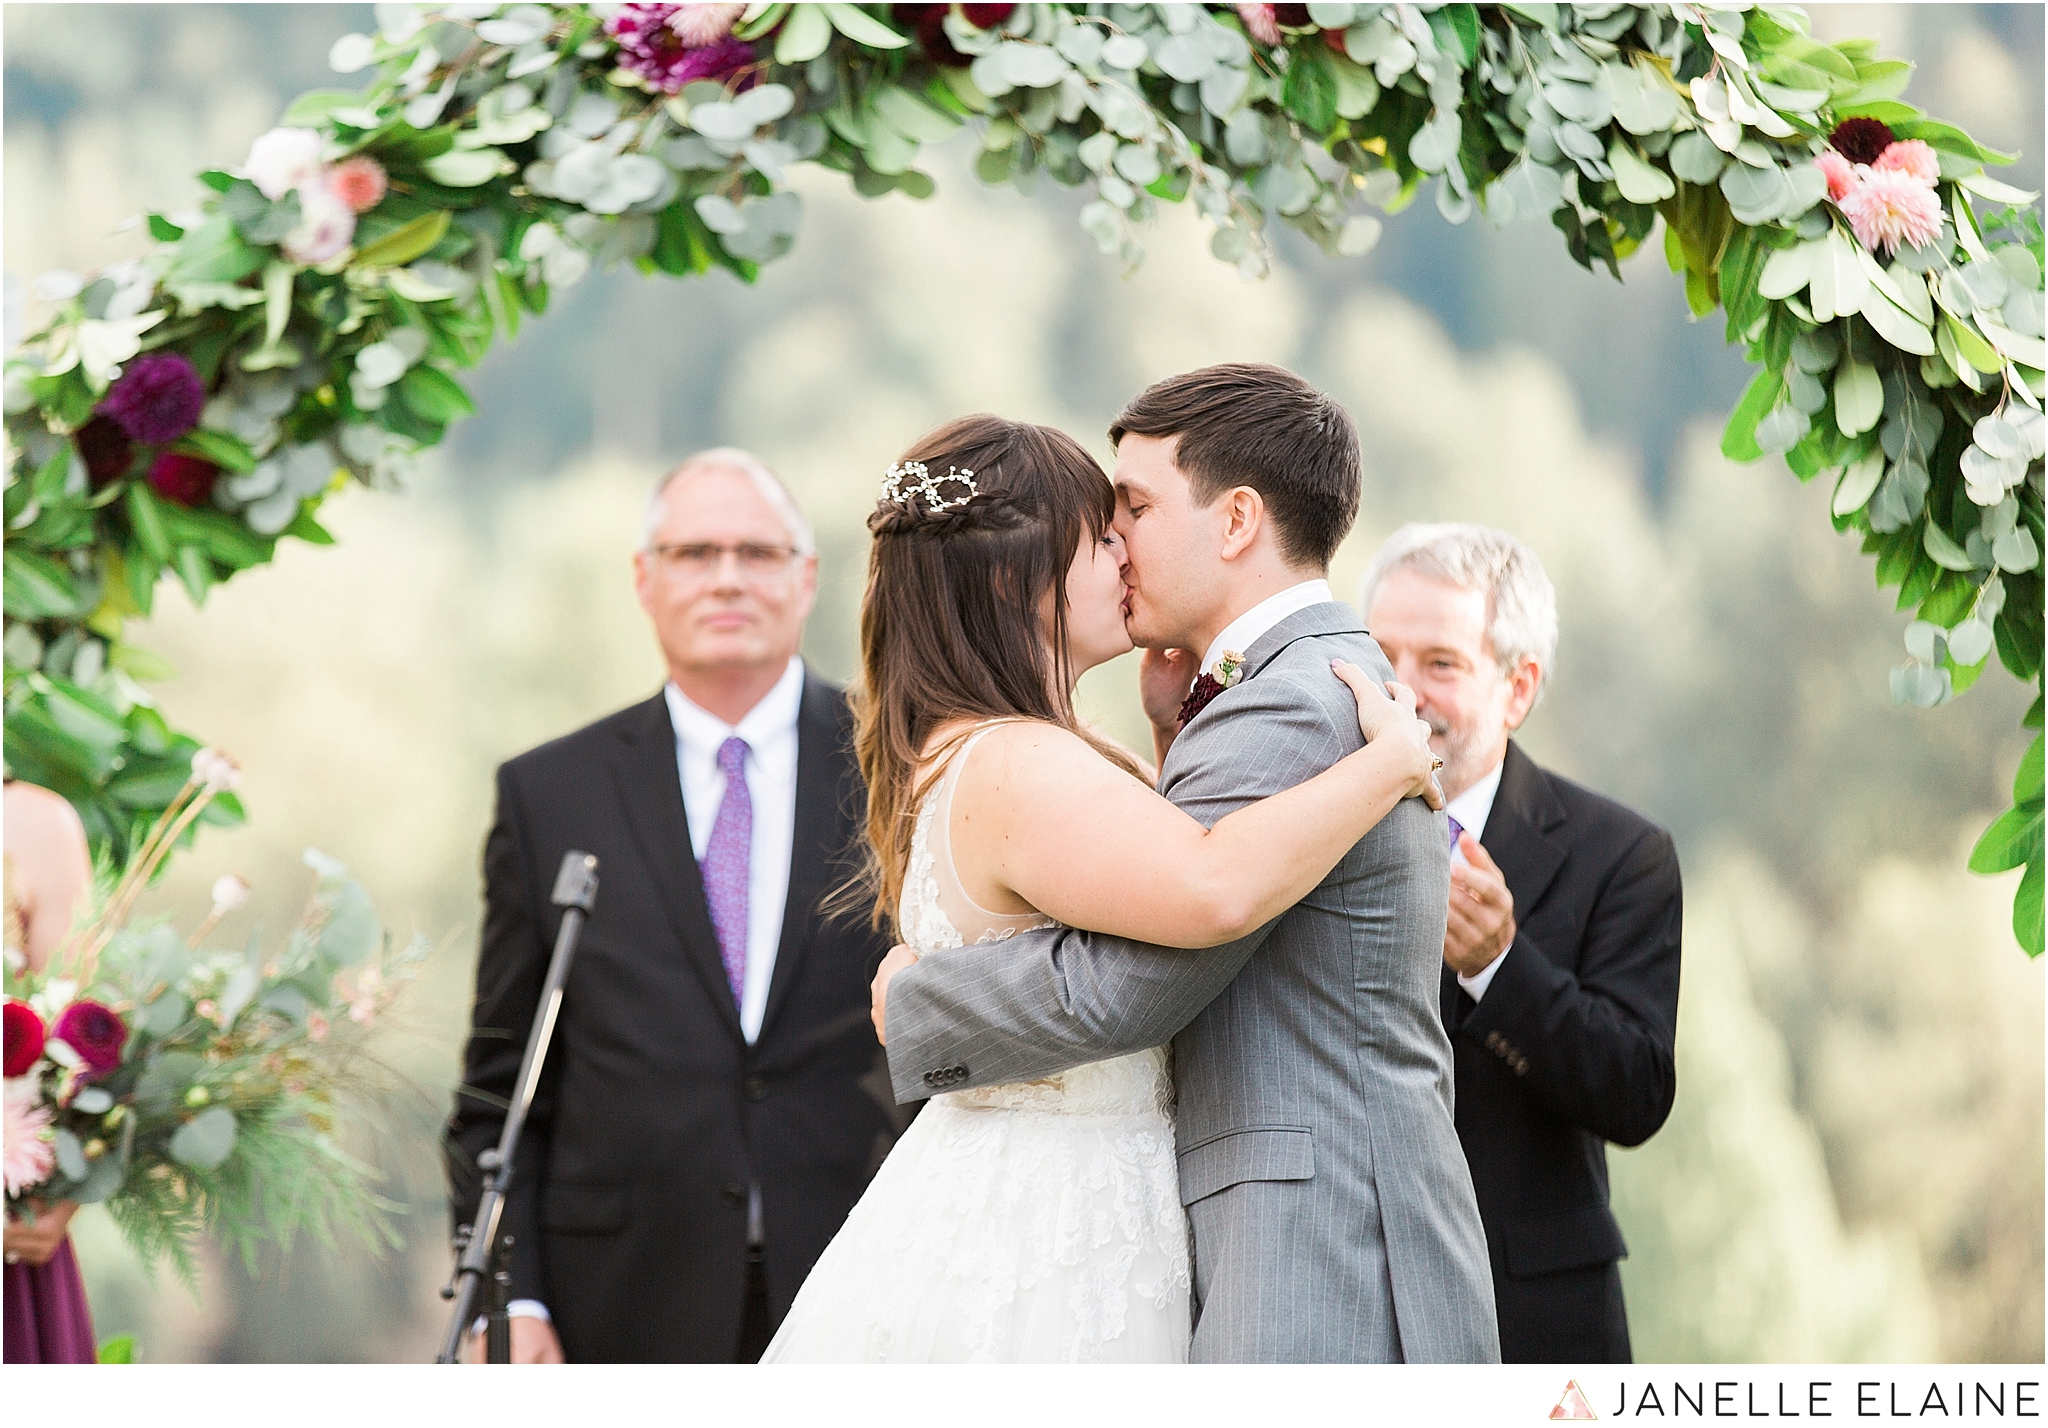 seattle-portrait-engagement-wedding-photographer-janelle-elaine-photography-65.jpg